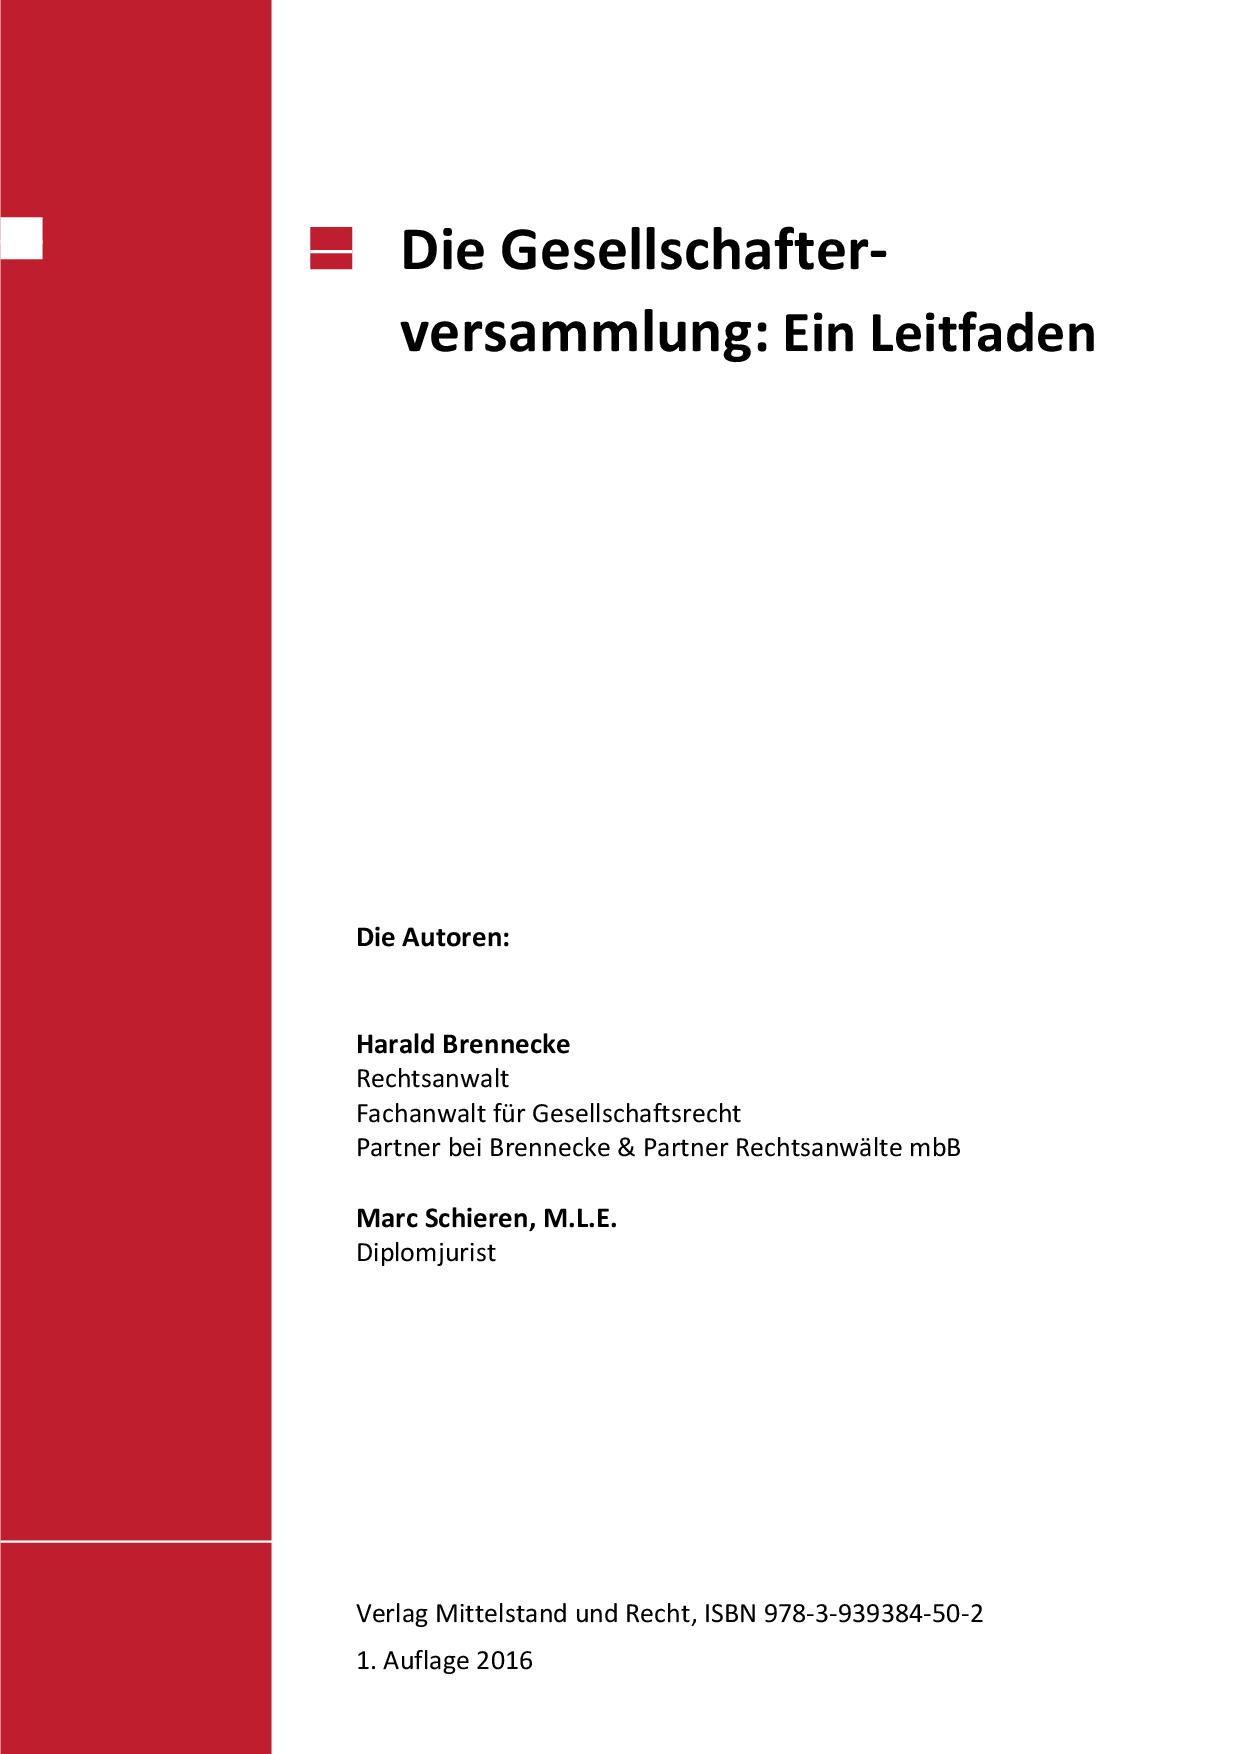 Protokoll Gesellschafterversammlung Muster Zum Download